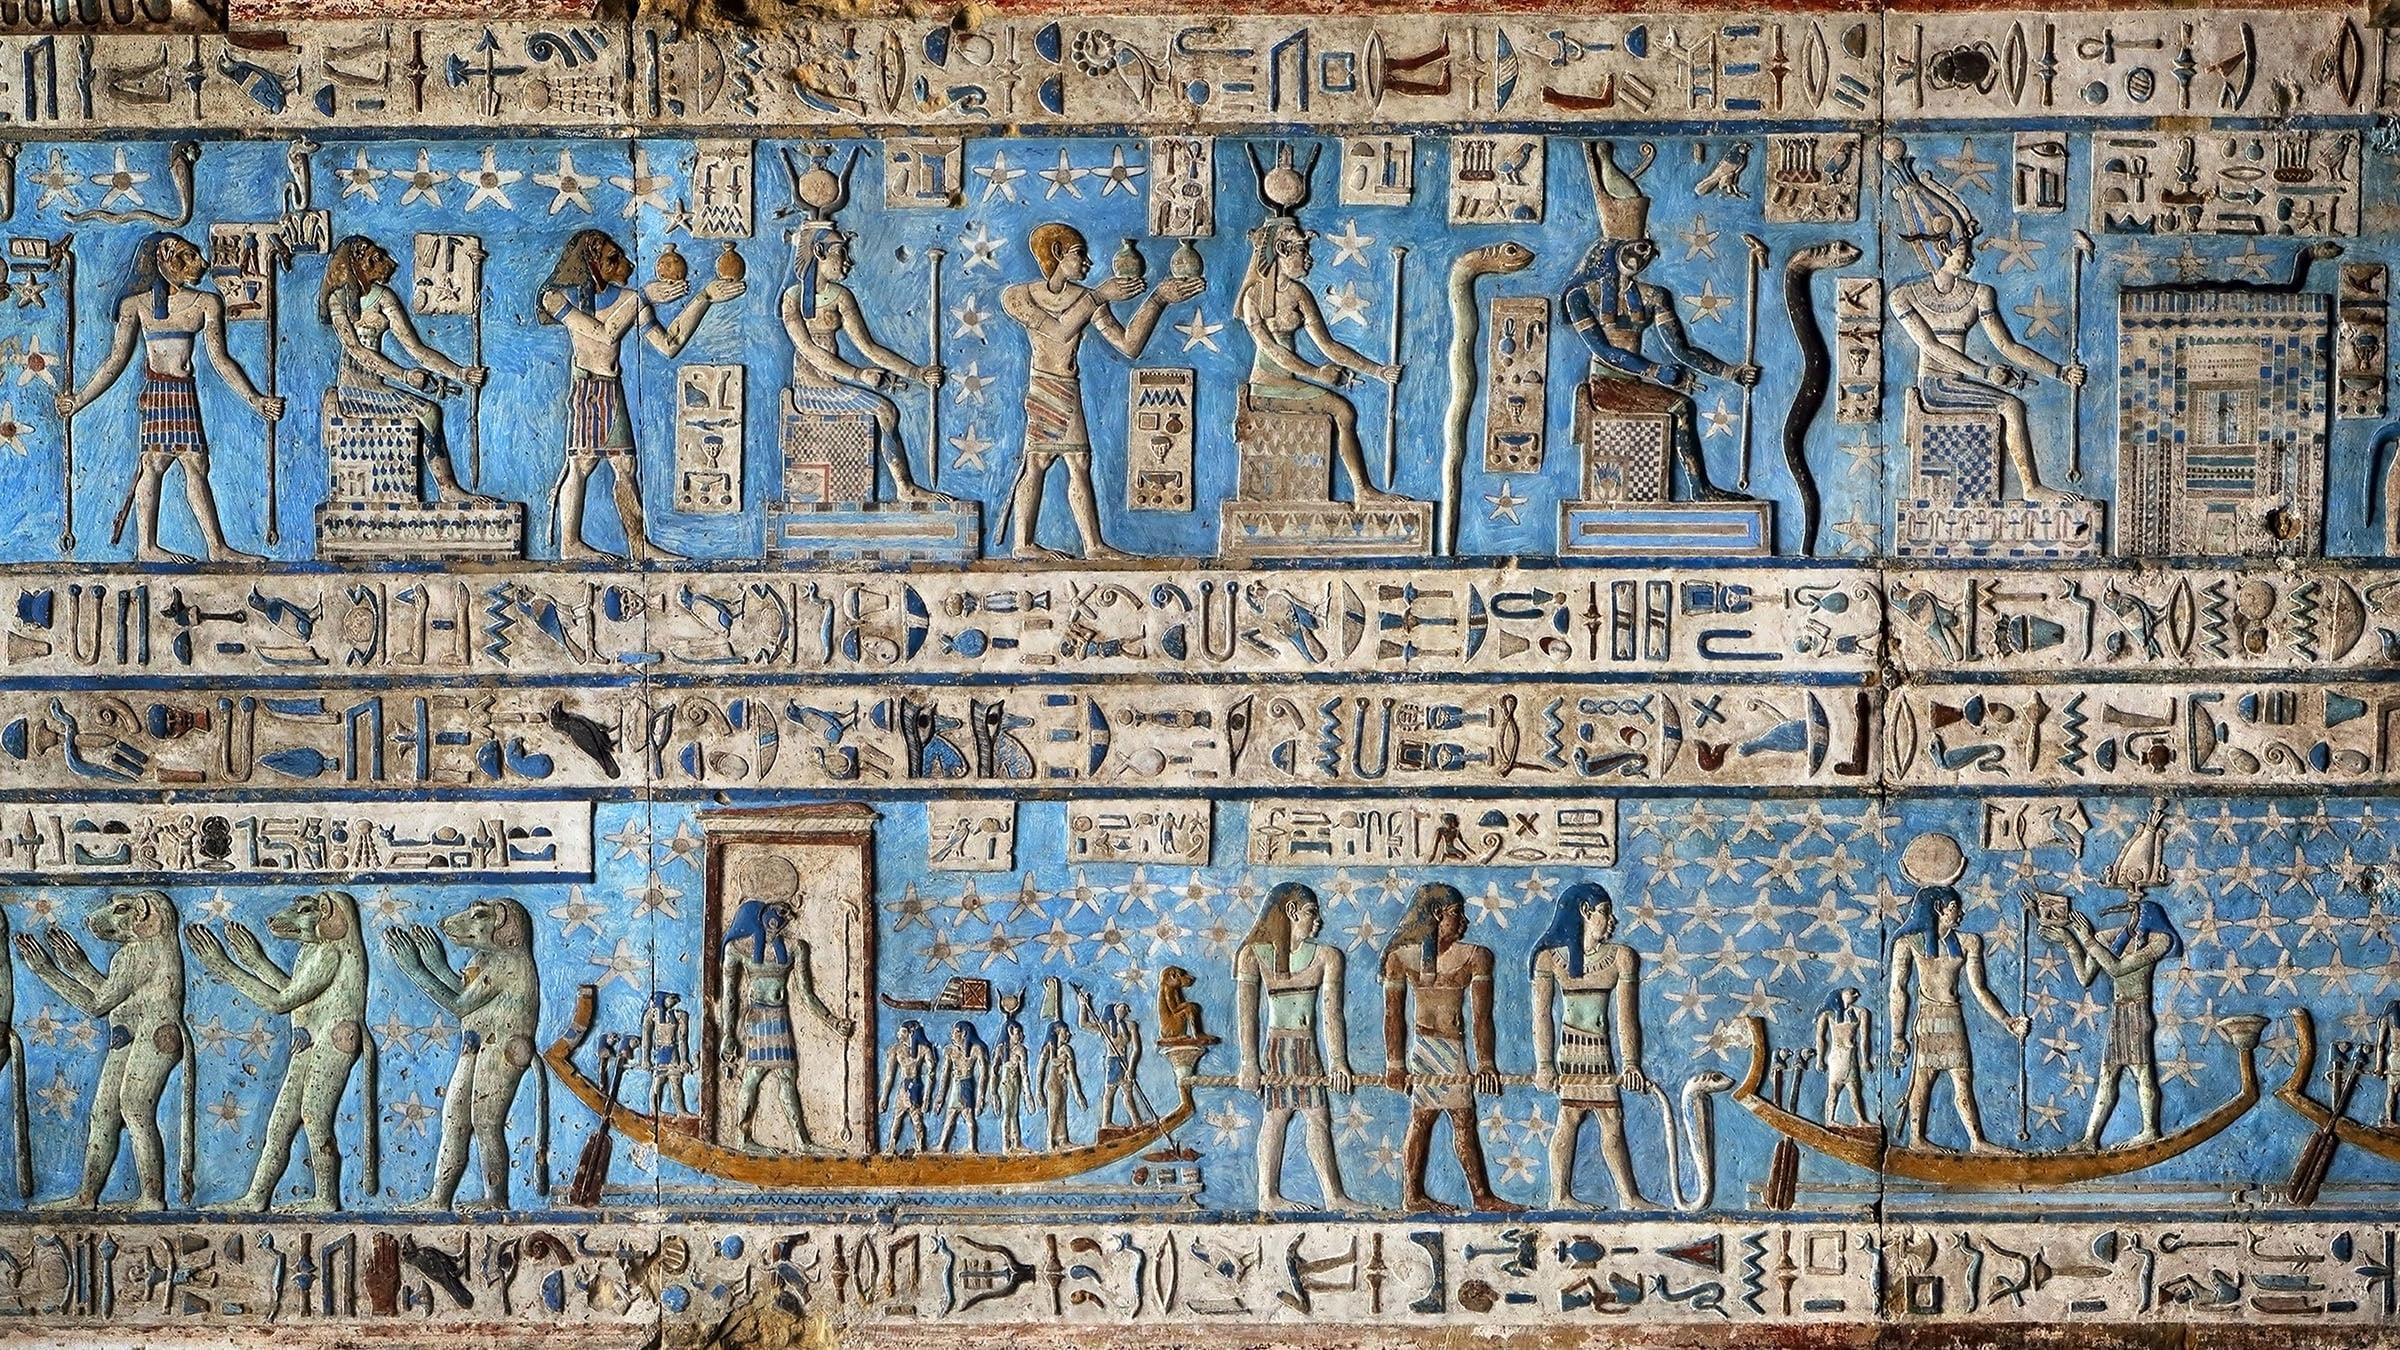 La filosof a en el antiguo egipto - El taller de lo antiguo ...